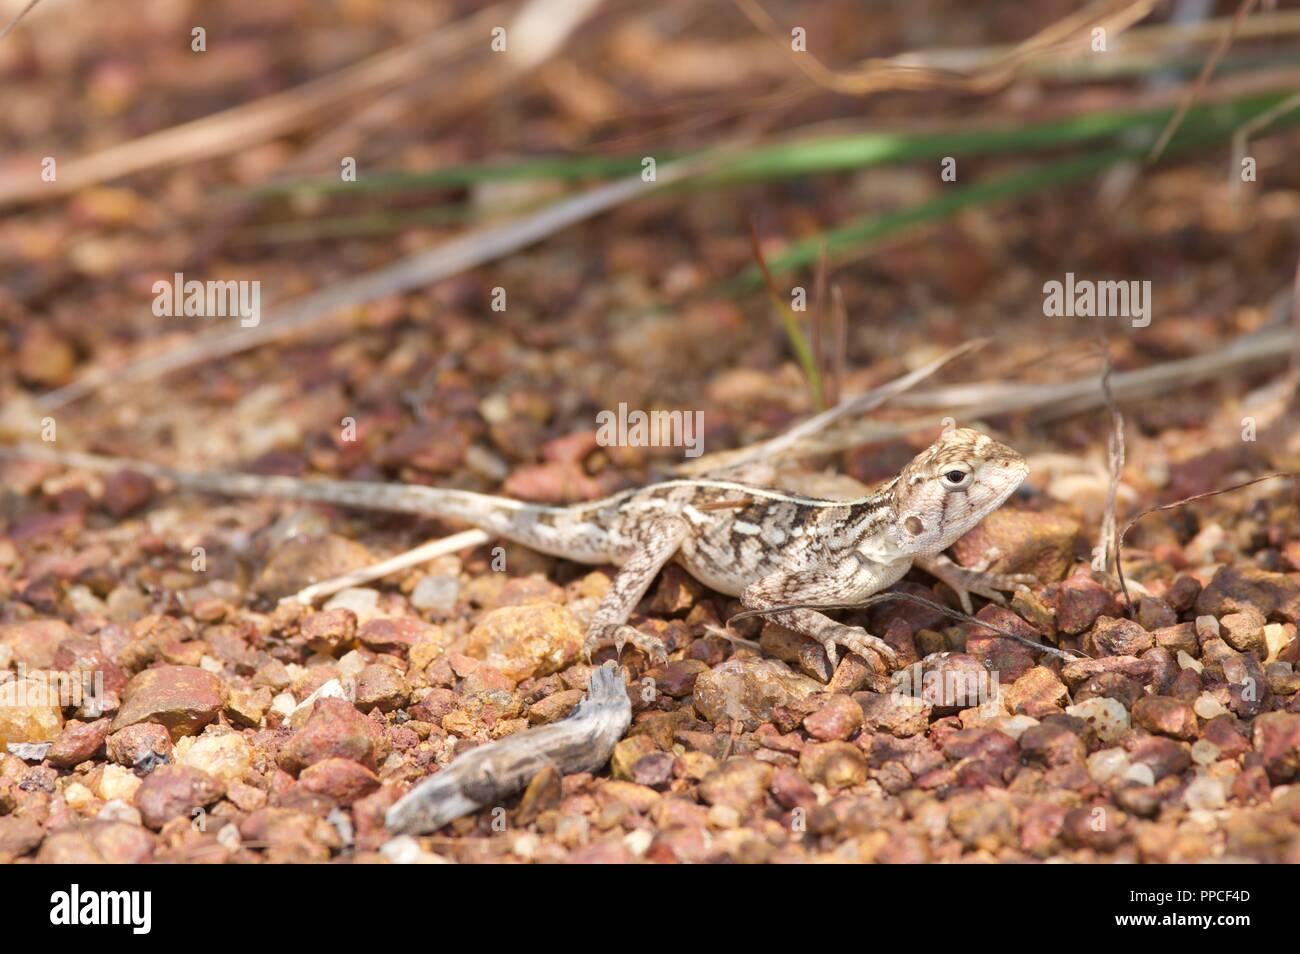 Méfiez-vous d'un  Agama agama(Sénégal) sankaranica hunkered down sur un sol graveleux en compensation une savane près d'Accra, au Ghana, en Afrique de l'Ouest Photo Stock